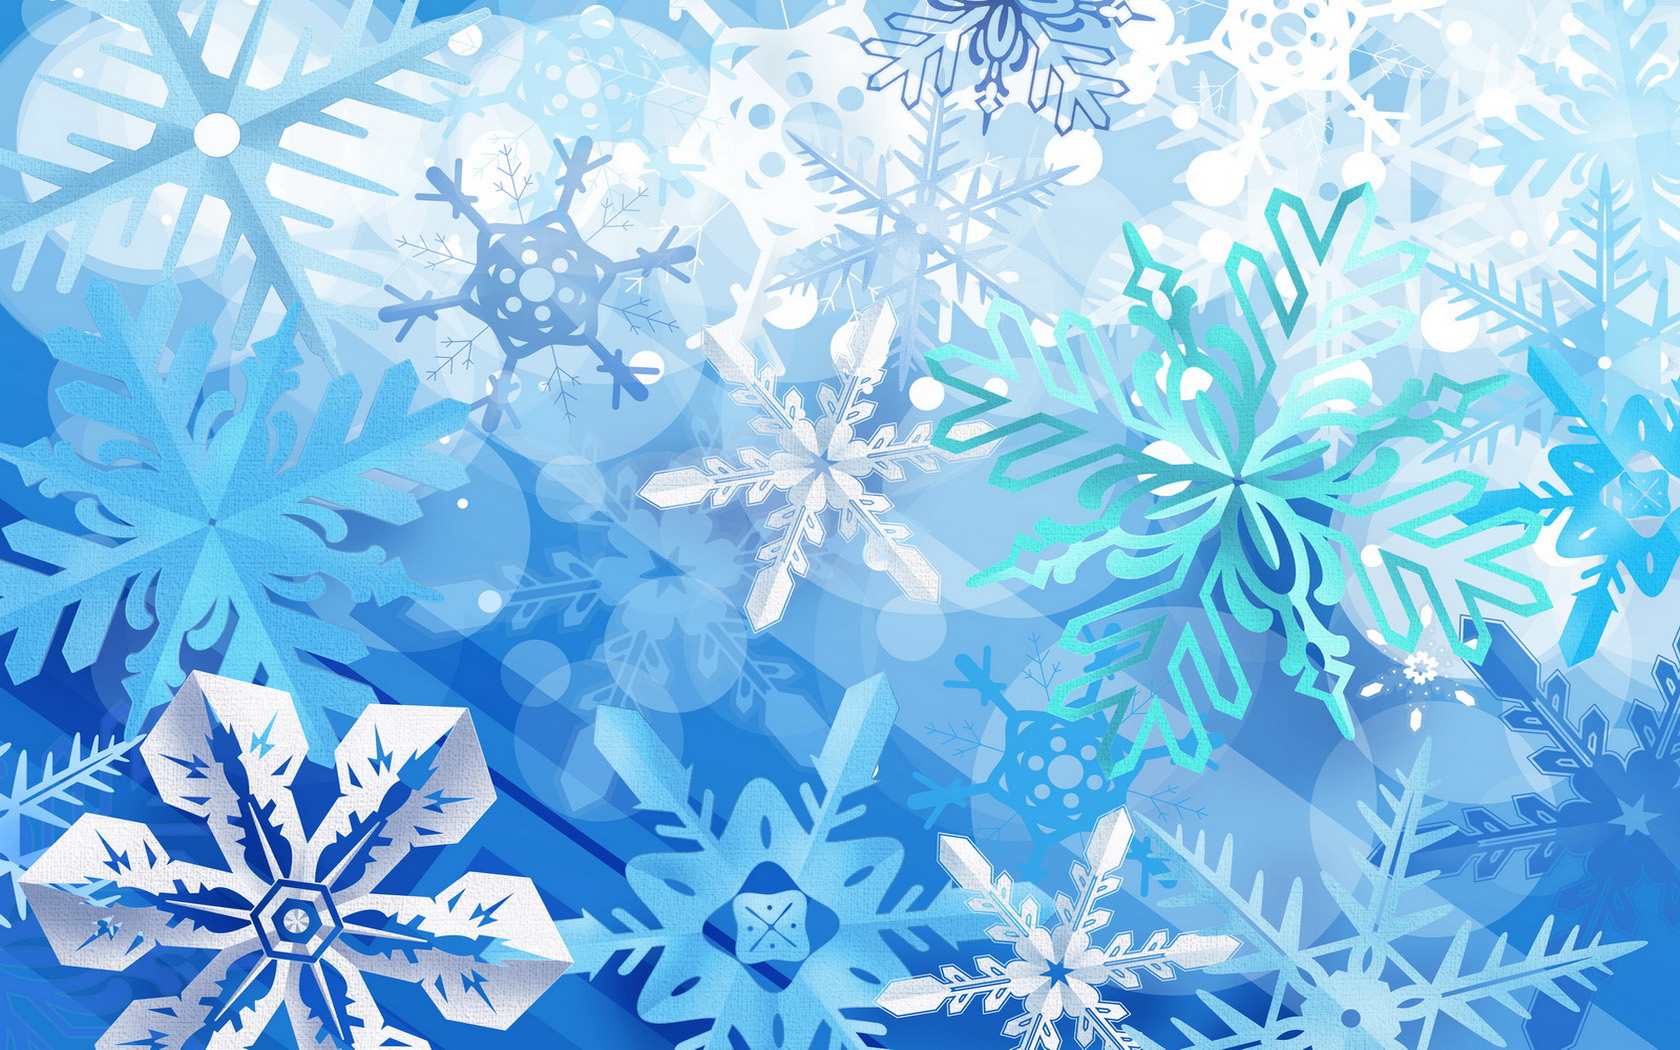 壁纸1680×1050圣诞雪花壁纸壁纸,圣诞雪花壁纸壁纸